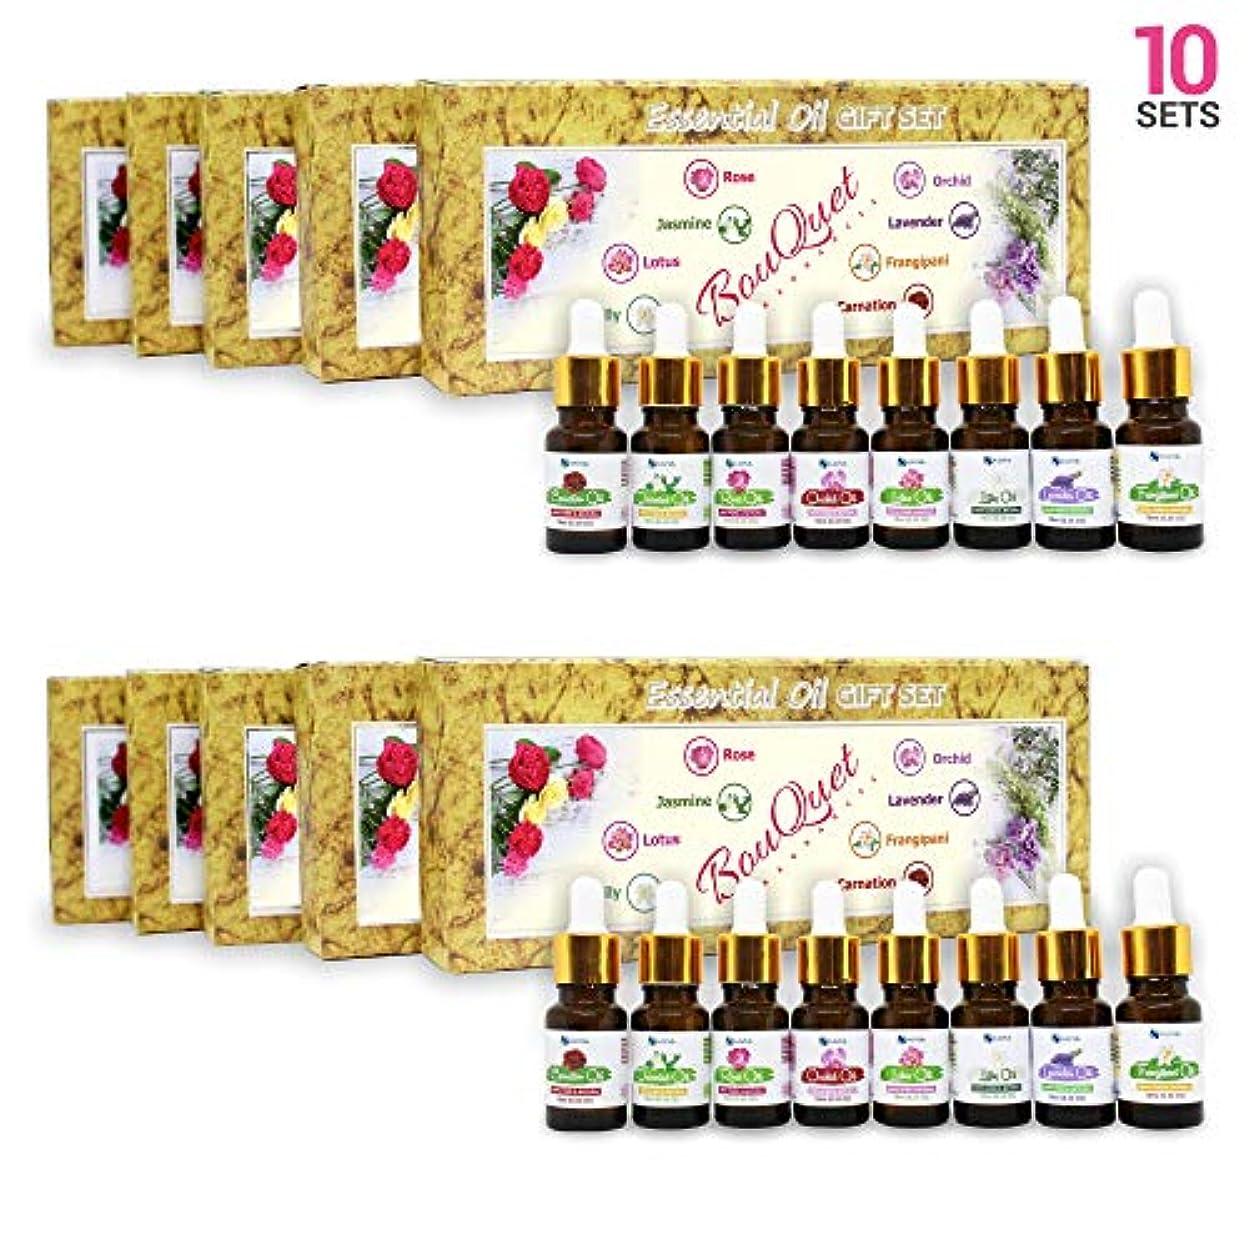 不和ボード盟主Aromatherapy Fragrance Oils (Set of 10) - 100% Natural Therapeutic Essential Oils, 10ml each (Rose, Jasmine, Lotus...